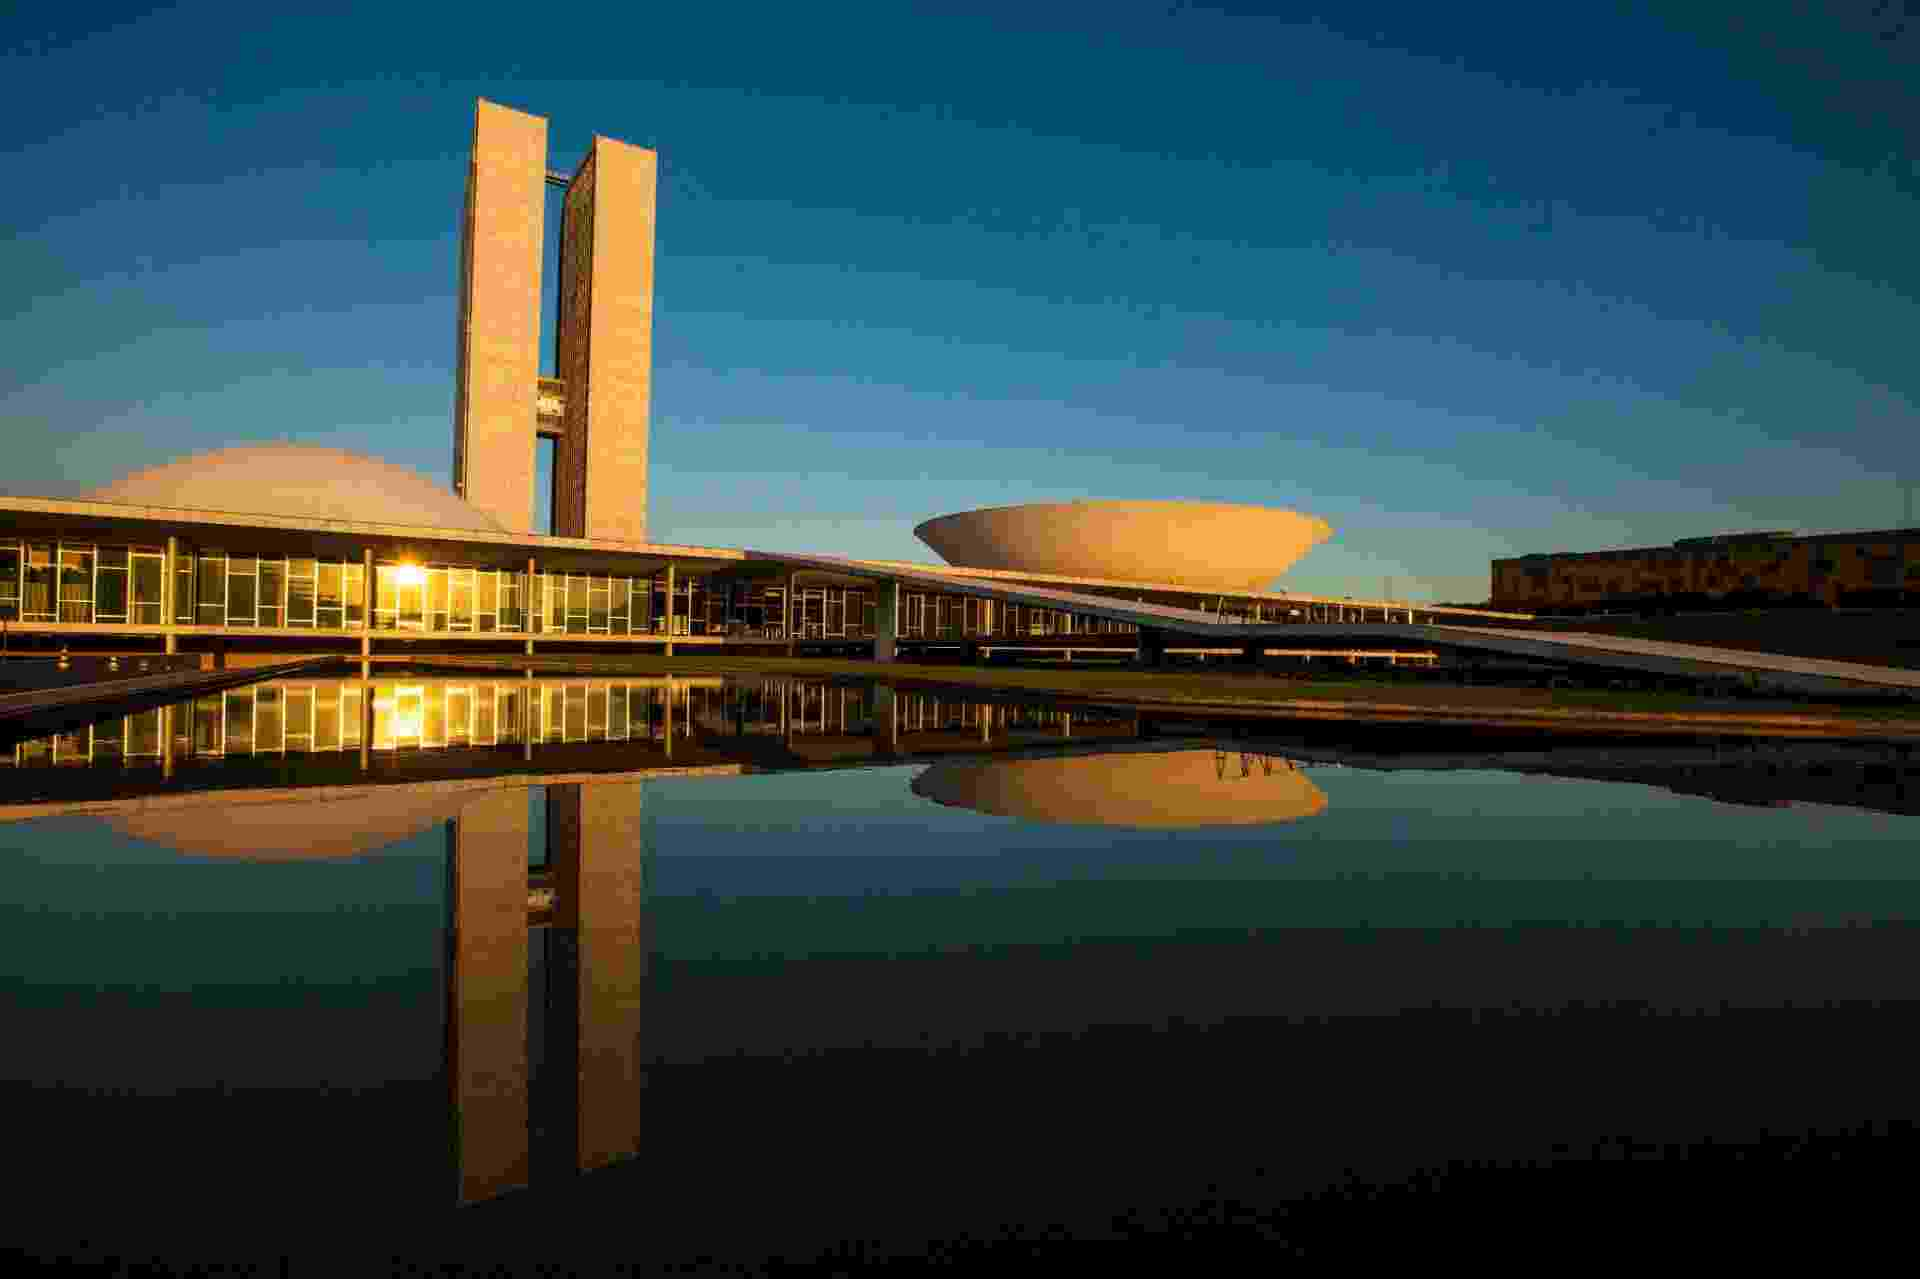 Projetado por Oscar Niemeyer, o Congresso Nacional promove visitas guiadas que contam um pouco da história do Poder Legislativo no país, percorrendo salas, galerias e plenários das duas casas legislativas - Bruno Pinheiro/Setur-DF